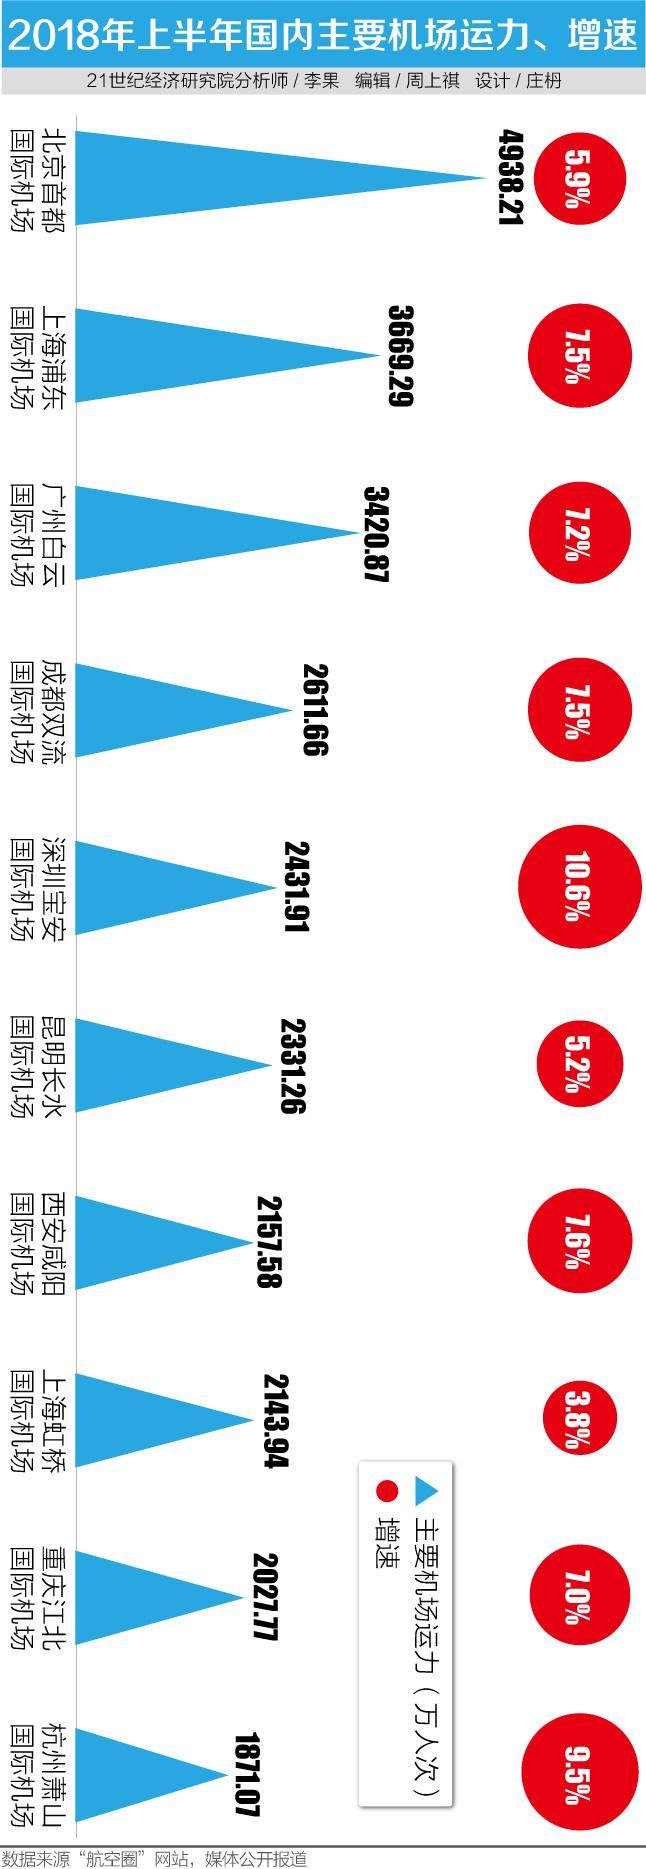 全国机场运力半年报:深圳宝安 杭州萧山增速快